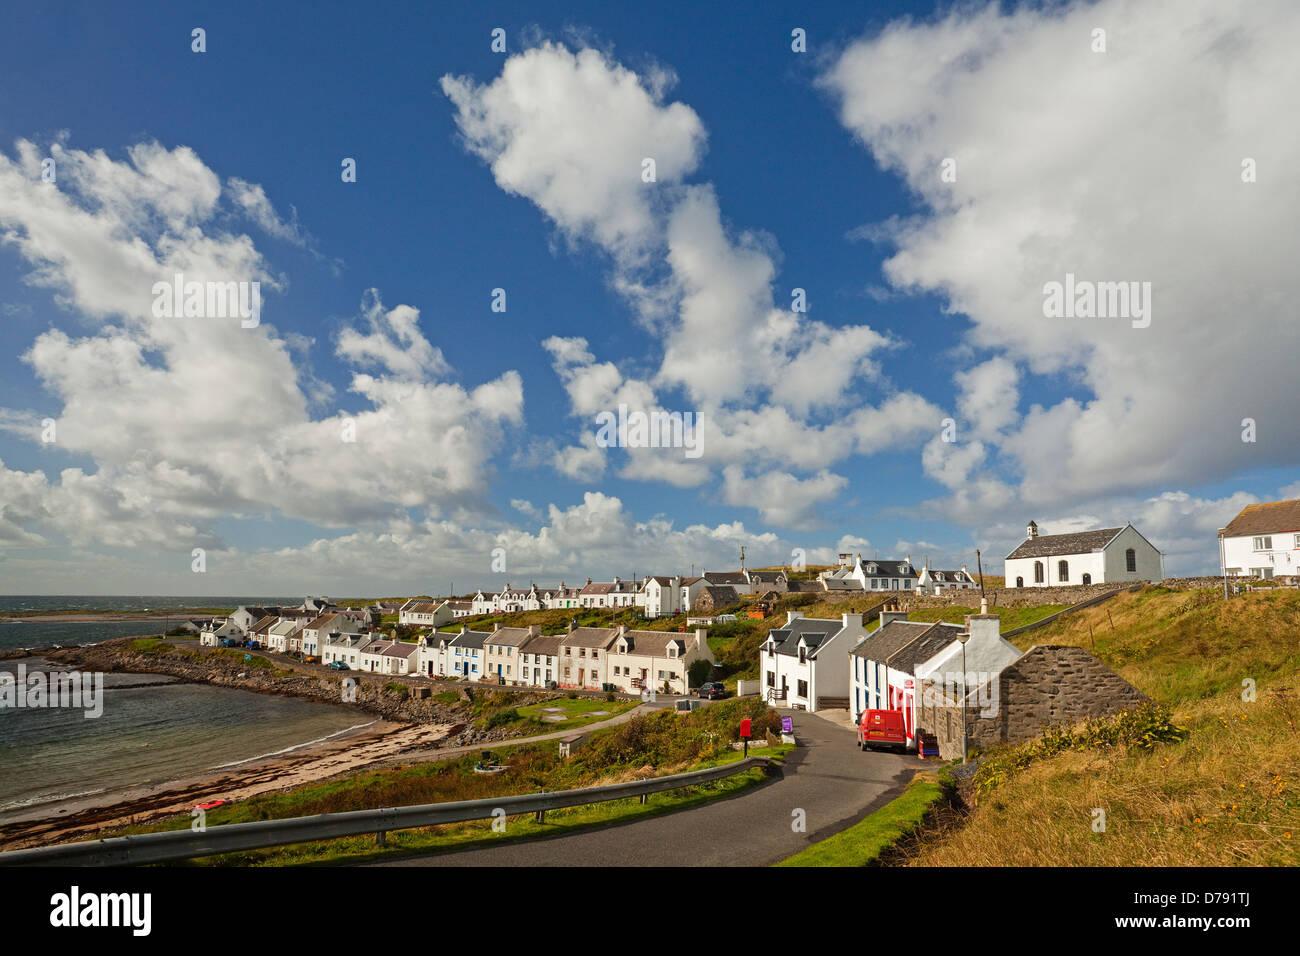 Portnahaven on the Isle of Islay - Stock Image